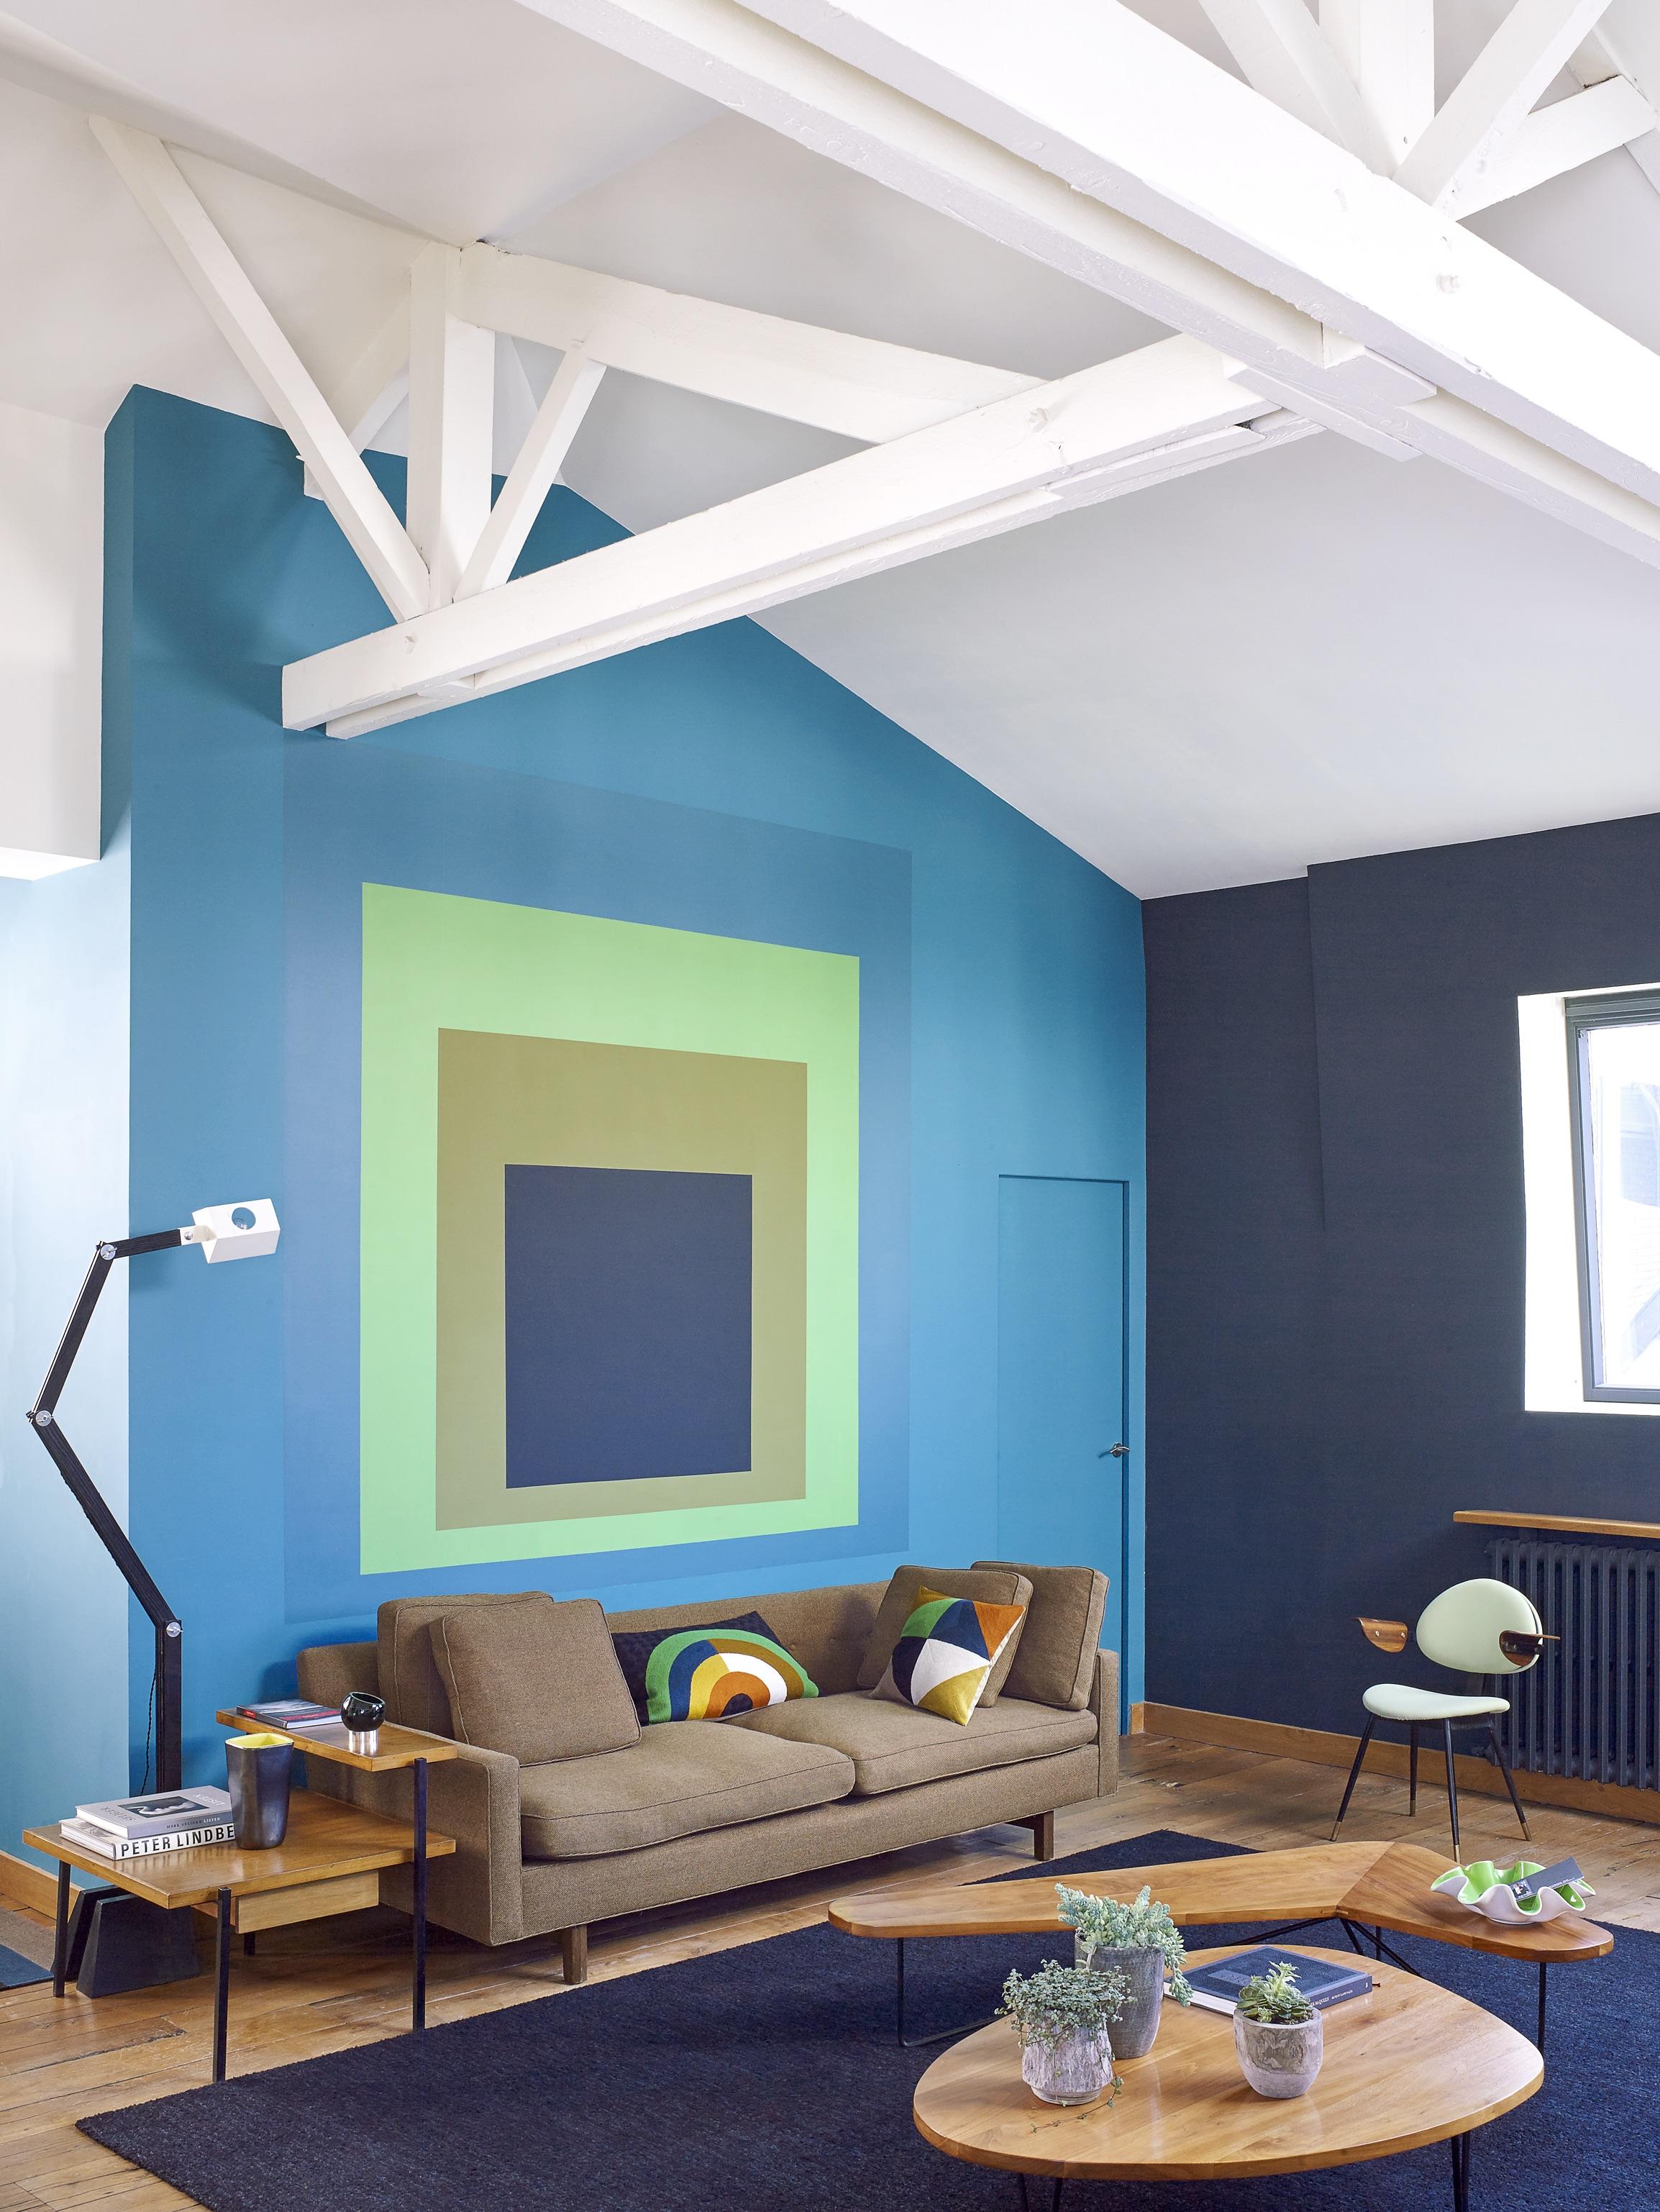 House Tour An Eclectic Mix of Vintage Furniture in a Paris Loft 4